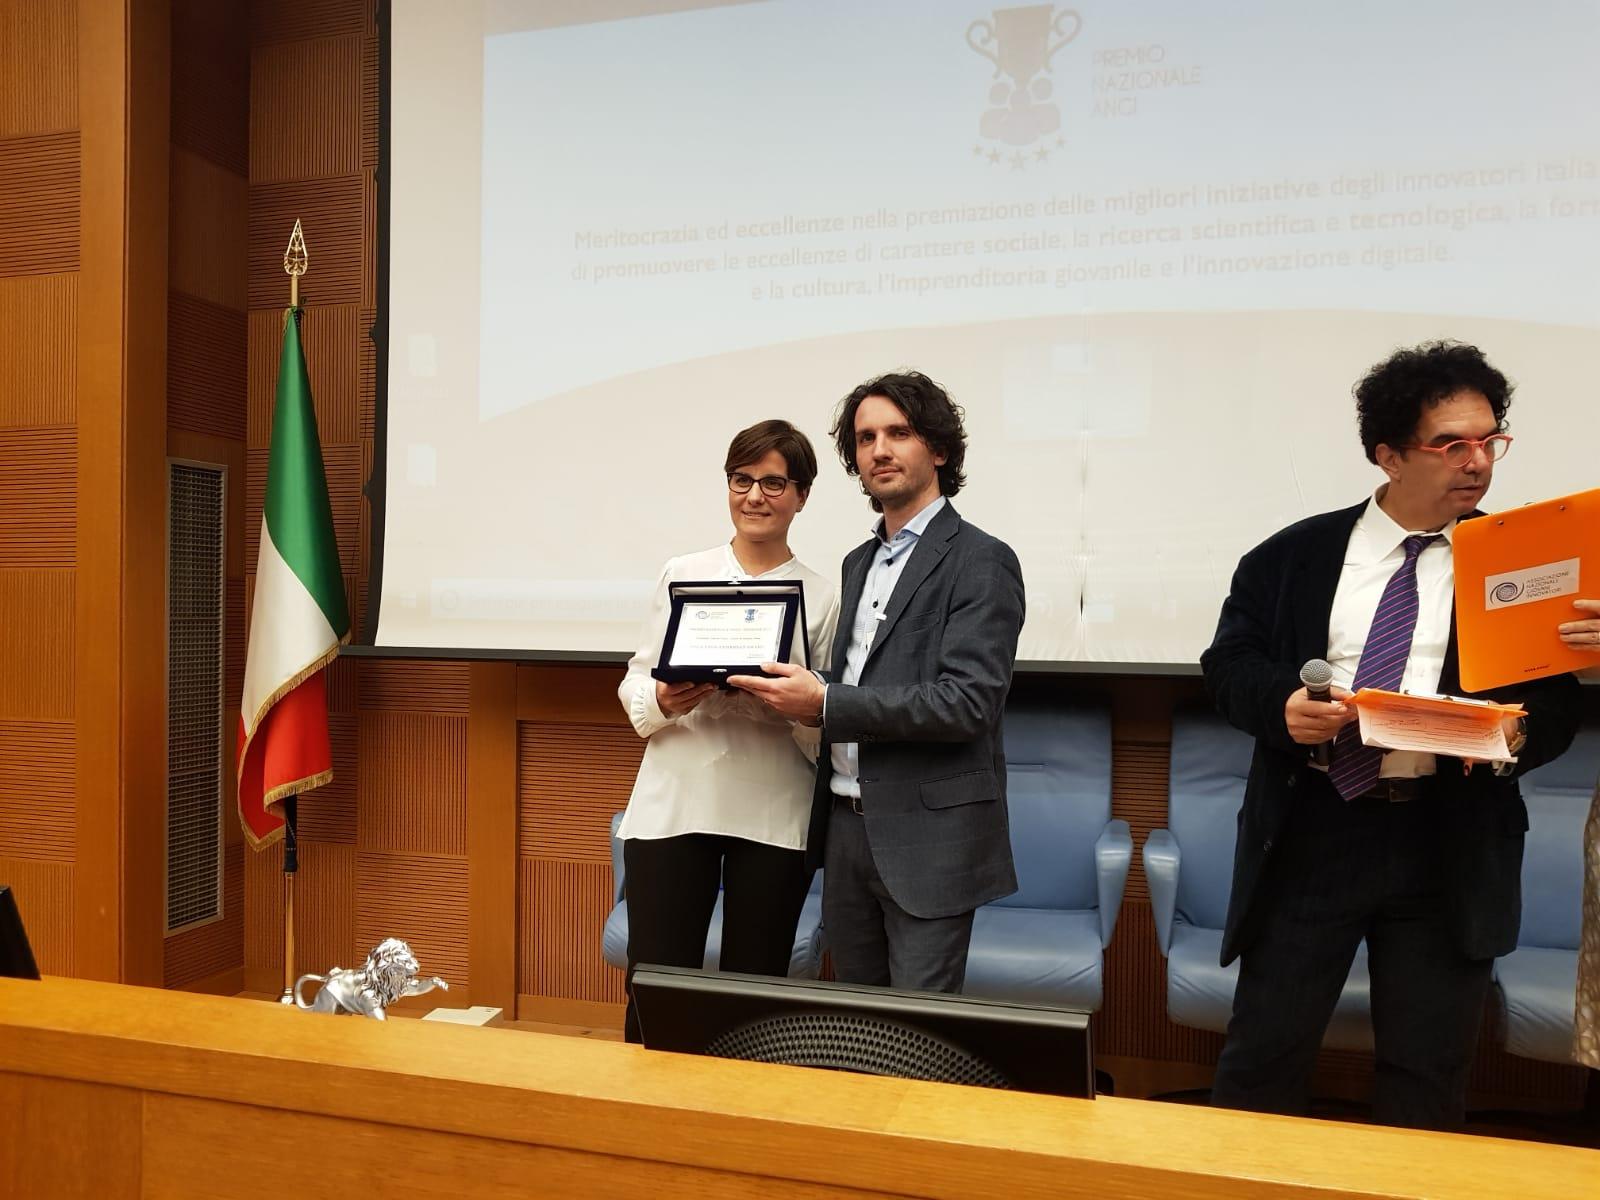 Mariarita costanza ritira il premio angi innovation for Sito della camera dei deputati